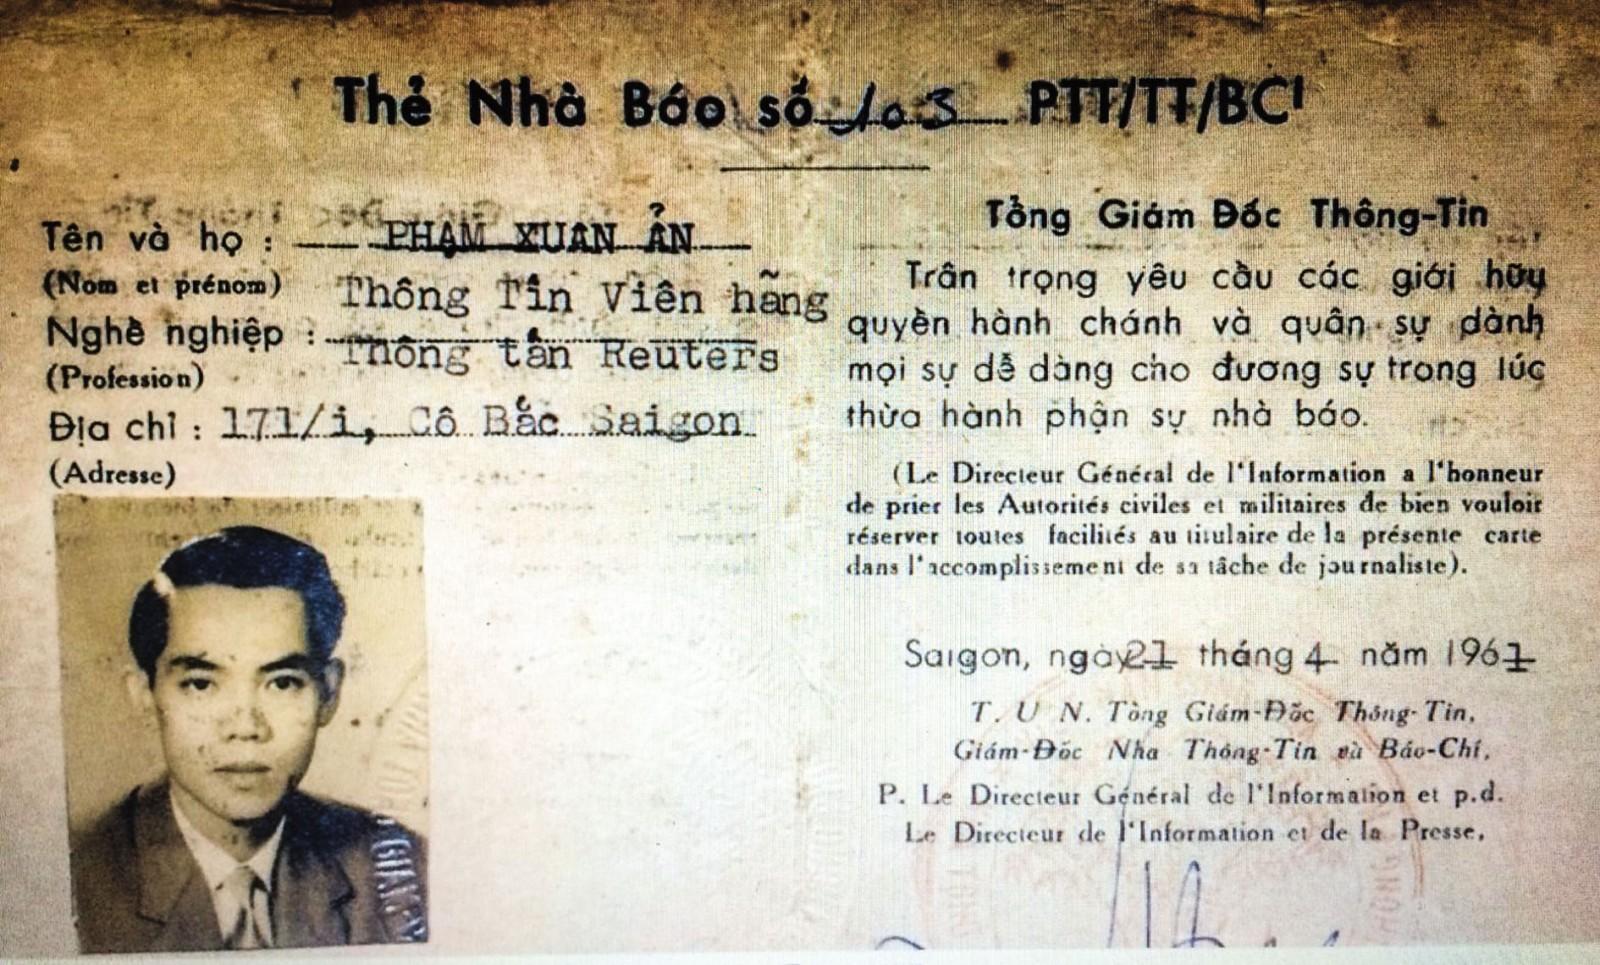 Thẻ nhà báo của Phạm Xuân Ẩn. Ảnh chụp lại từ ảnh tư liệu